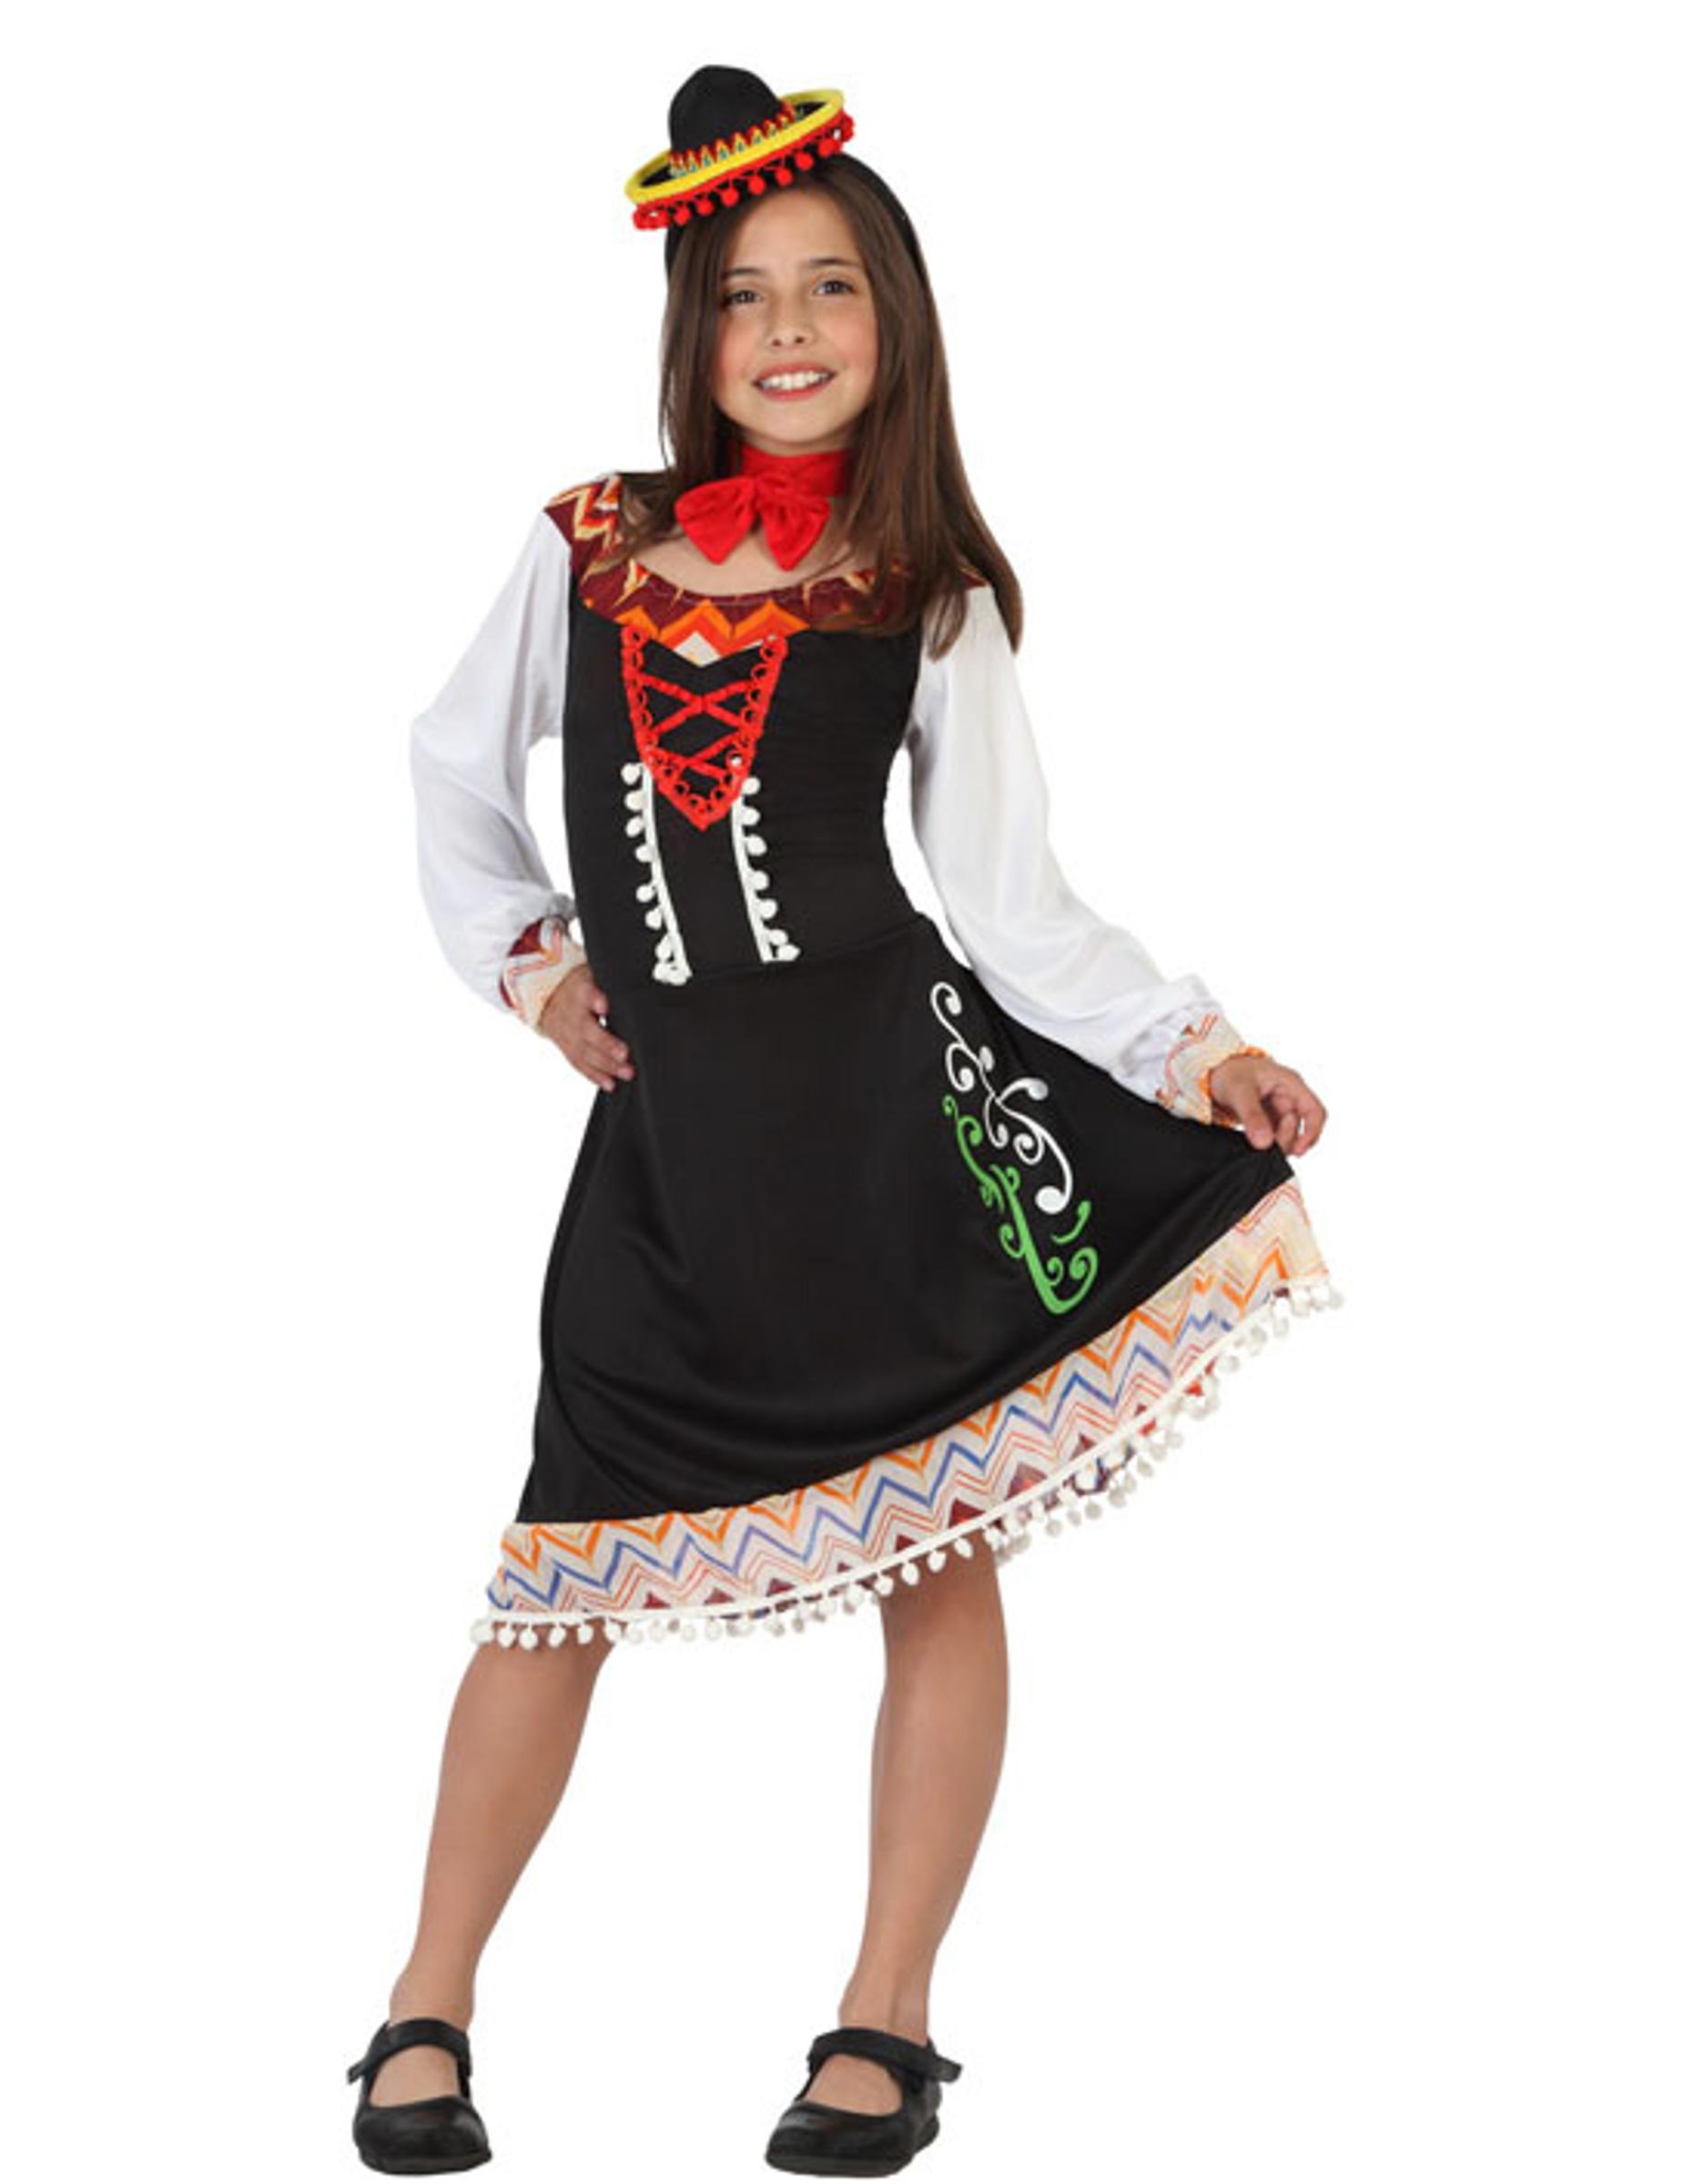 Extrêmement Déguisement robe mexicaine fille : Deguise-toi, achat de  KK31